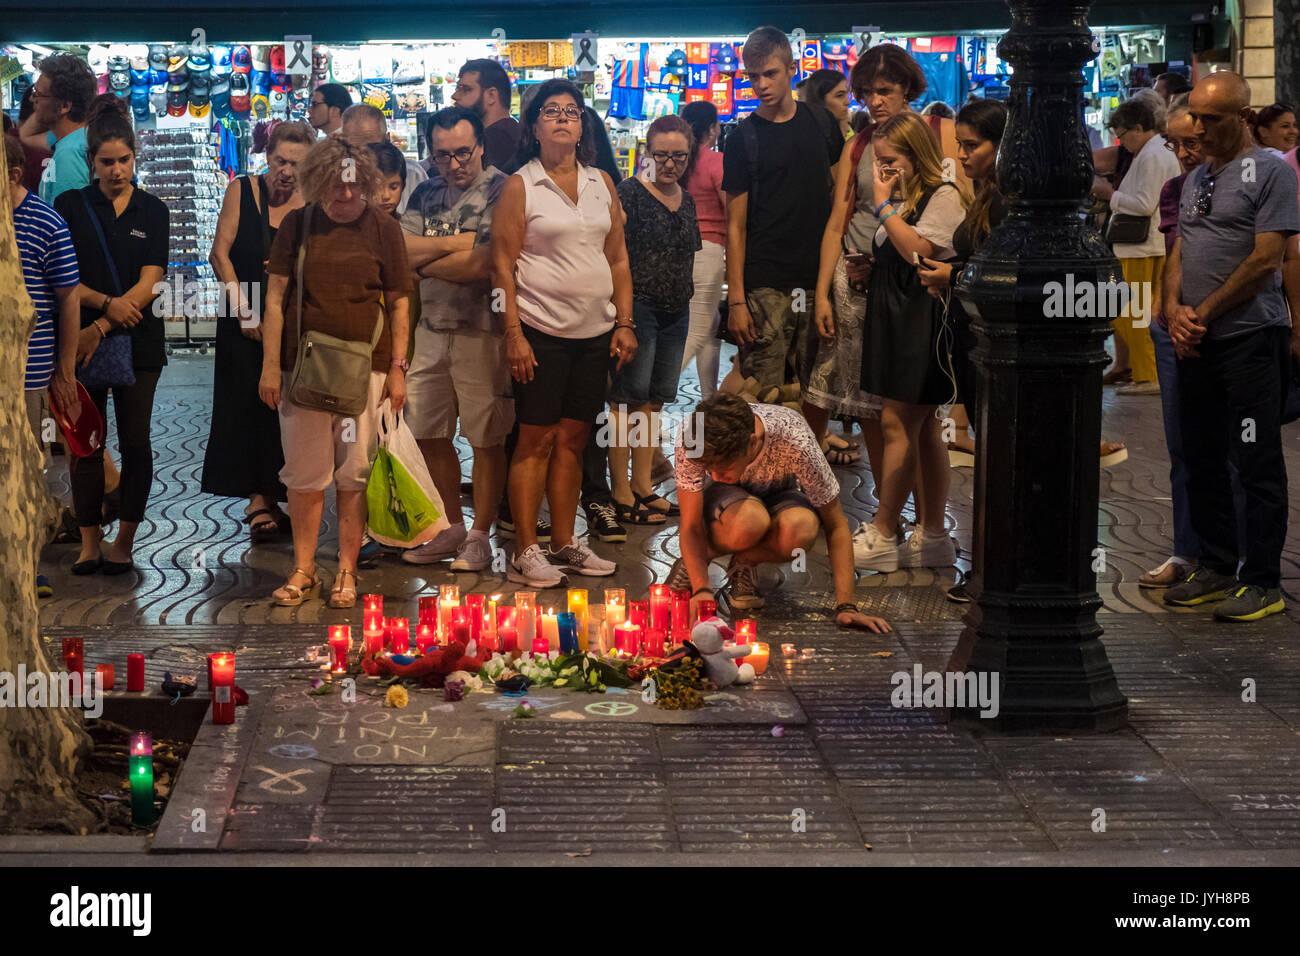 Barcellona, Spagna. 19 Ago, 2017. Il 19 agosto 2017 la città di Barcellona ha sofferto la ISIS attacco terroristico, Immagini Stock